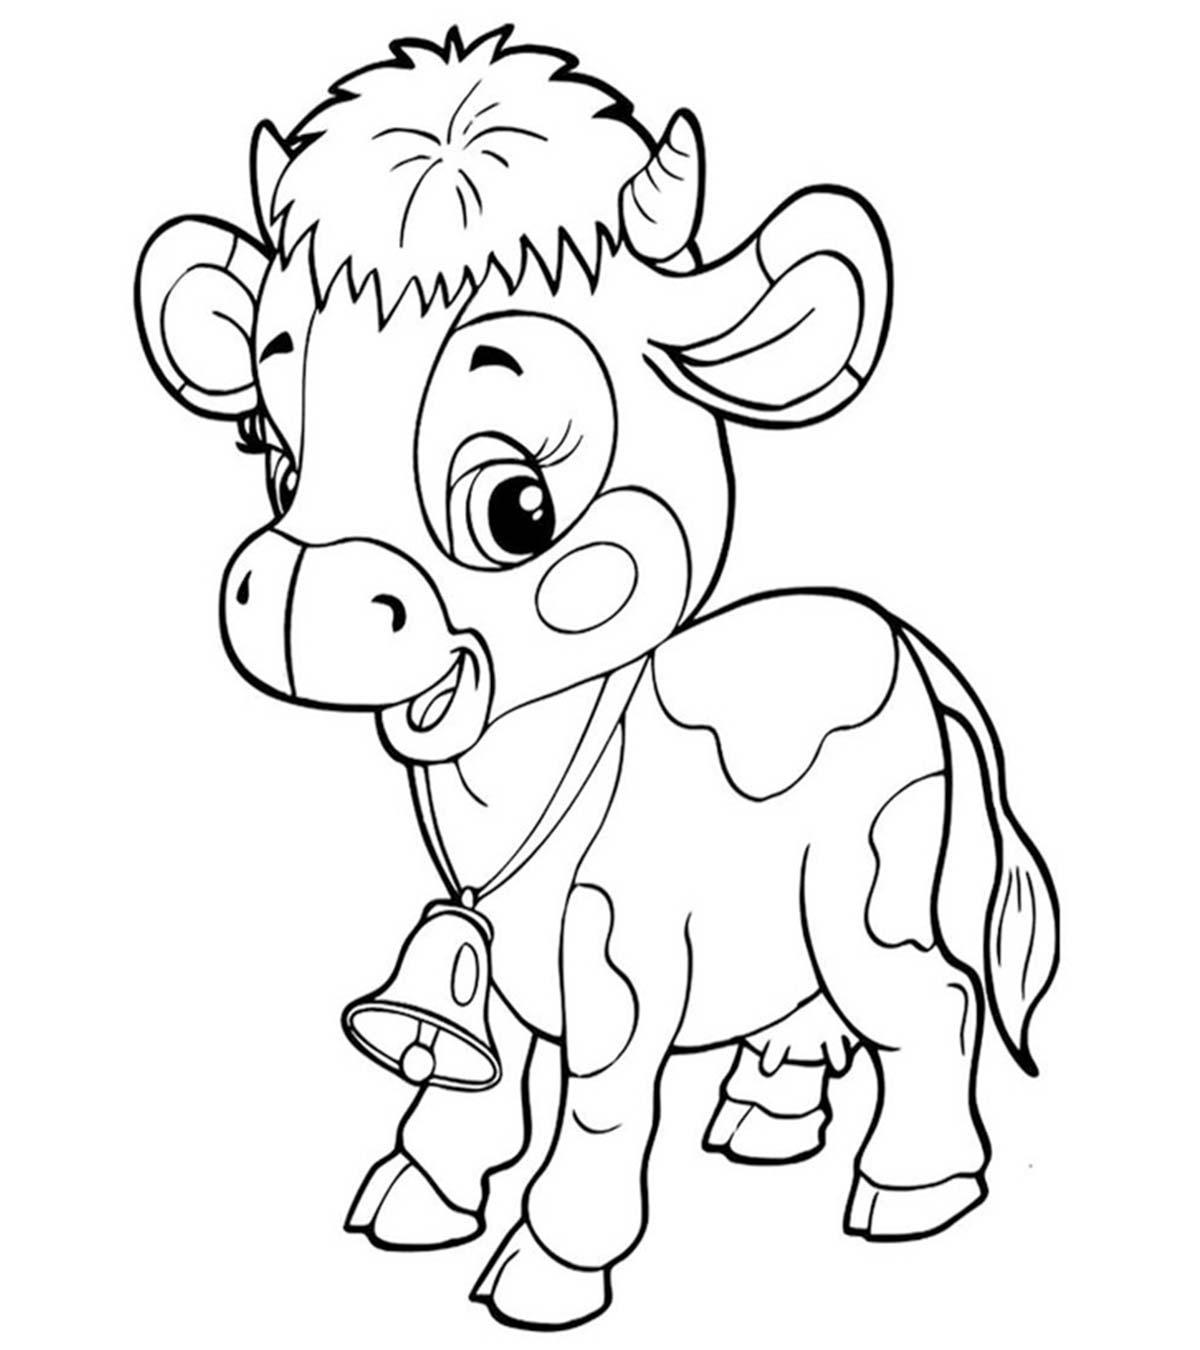 Tranh tô màu con bò sữa con đẹp